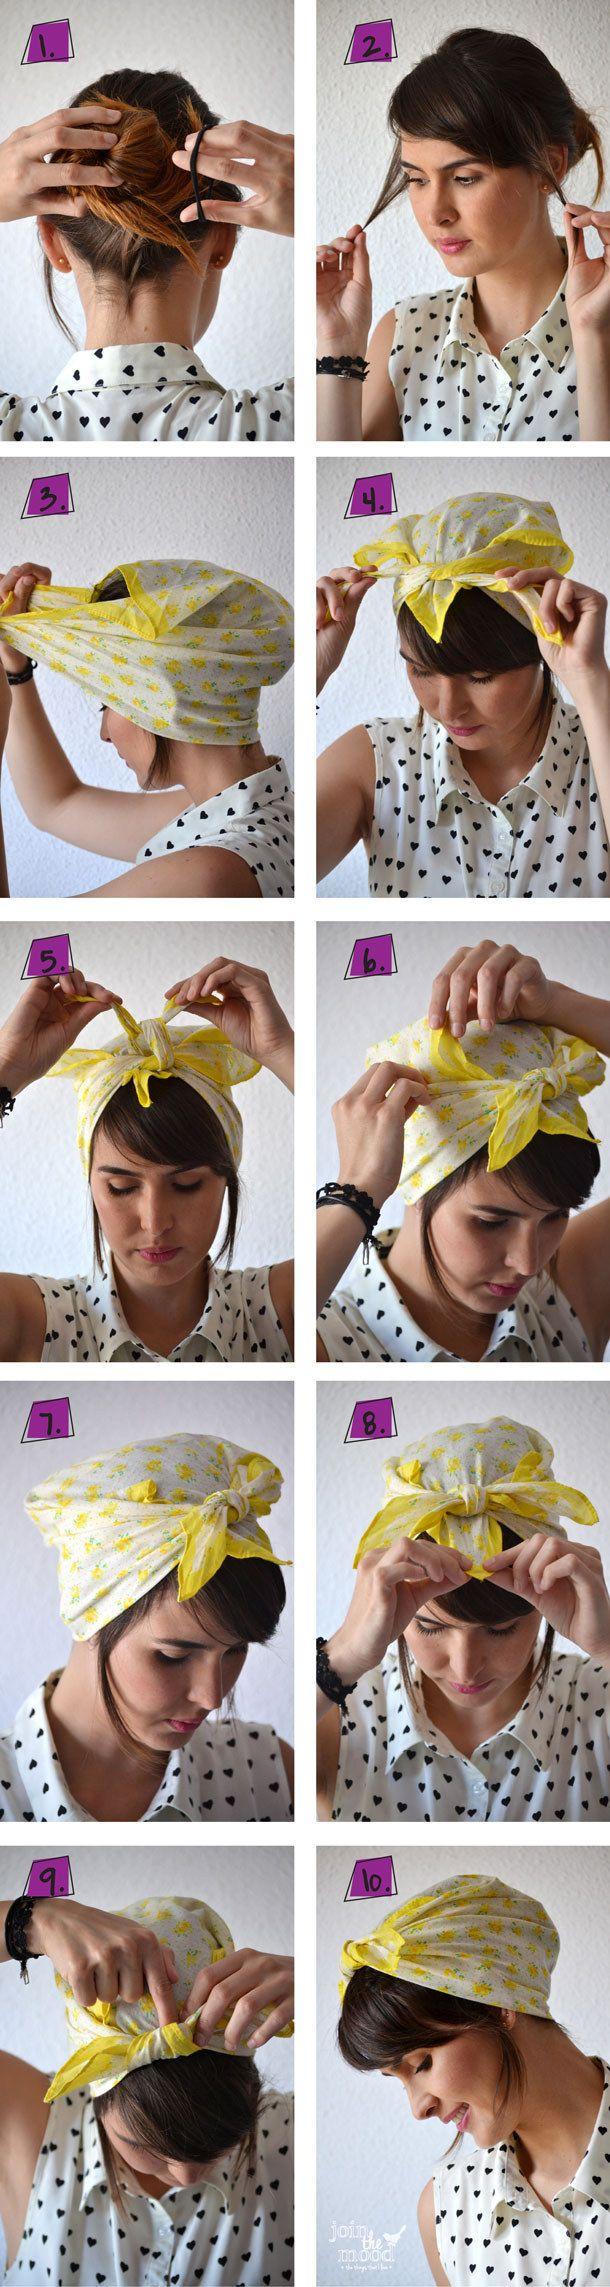 O este look con pañoleta para cuando no quieres mostrar mucho: | 20 Peinados frescos, fáciles y con estilo para el calor